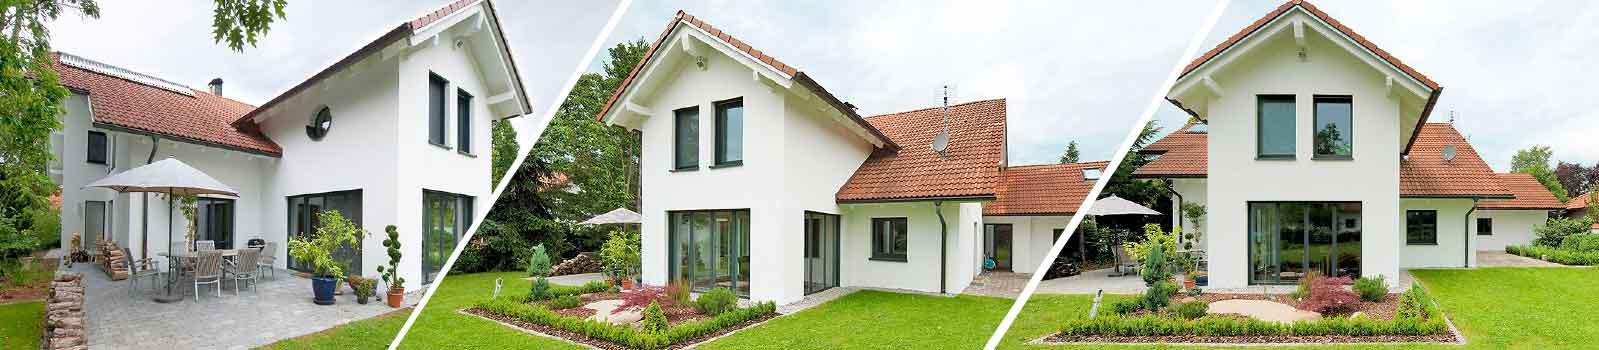 anbauen und umbauen um den Wohnraum zu erweitern oder die Nutzung zu ändern